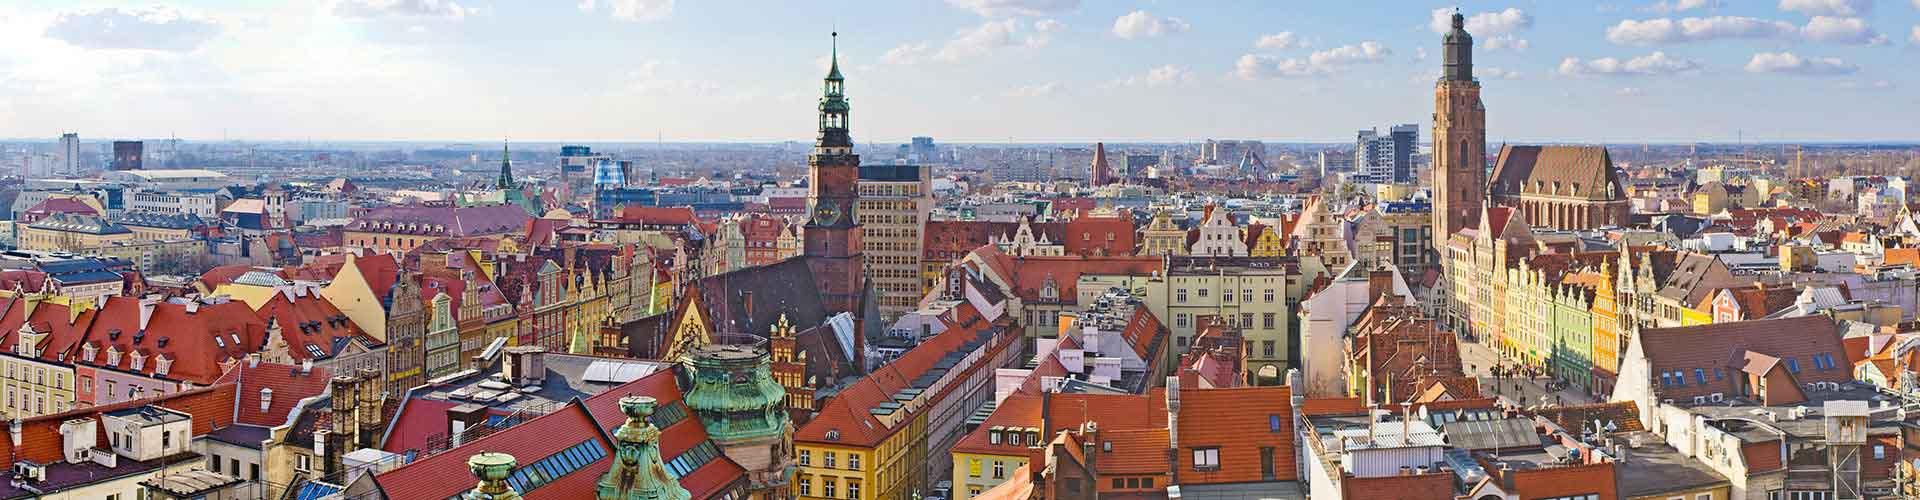 Wrocław - Hotele w mieście Wrocław, Mapy miasta Wrocław, Zdjęcia i Recenzje dla każdego Hotelu w mieście Wrocław.